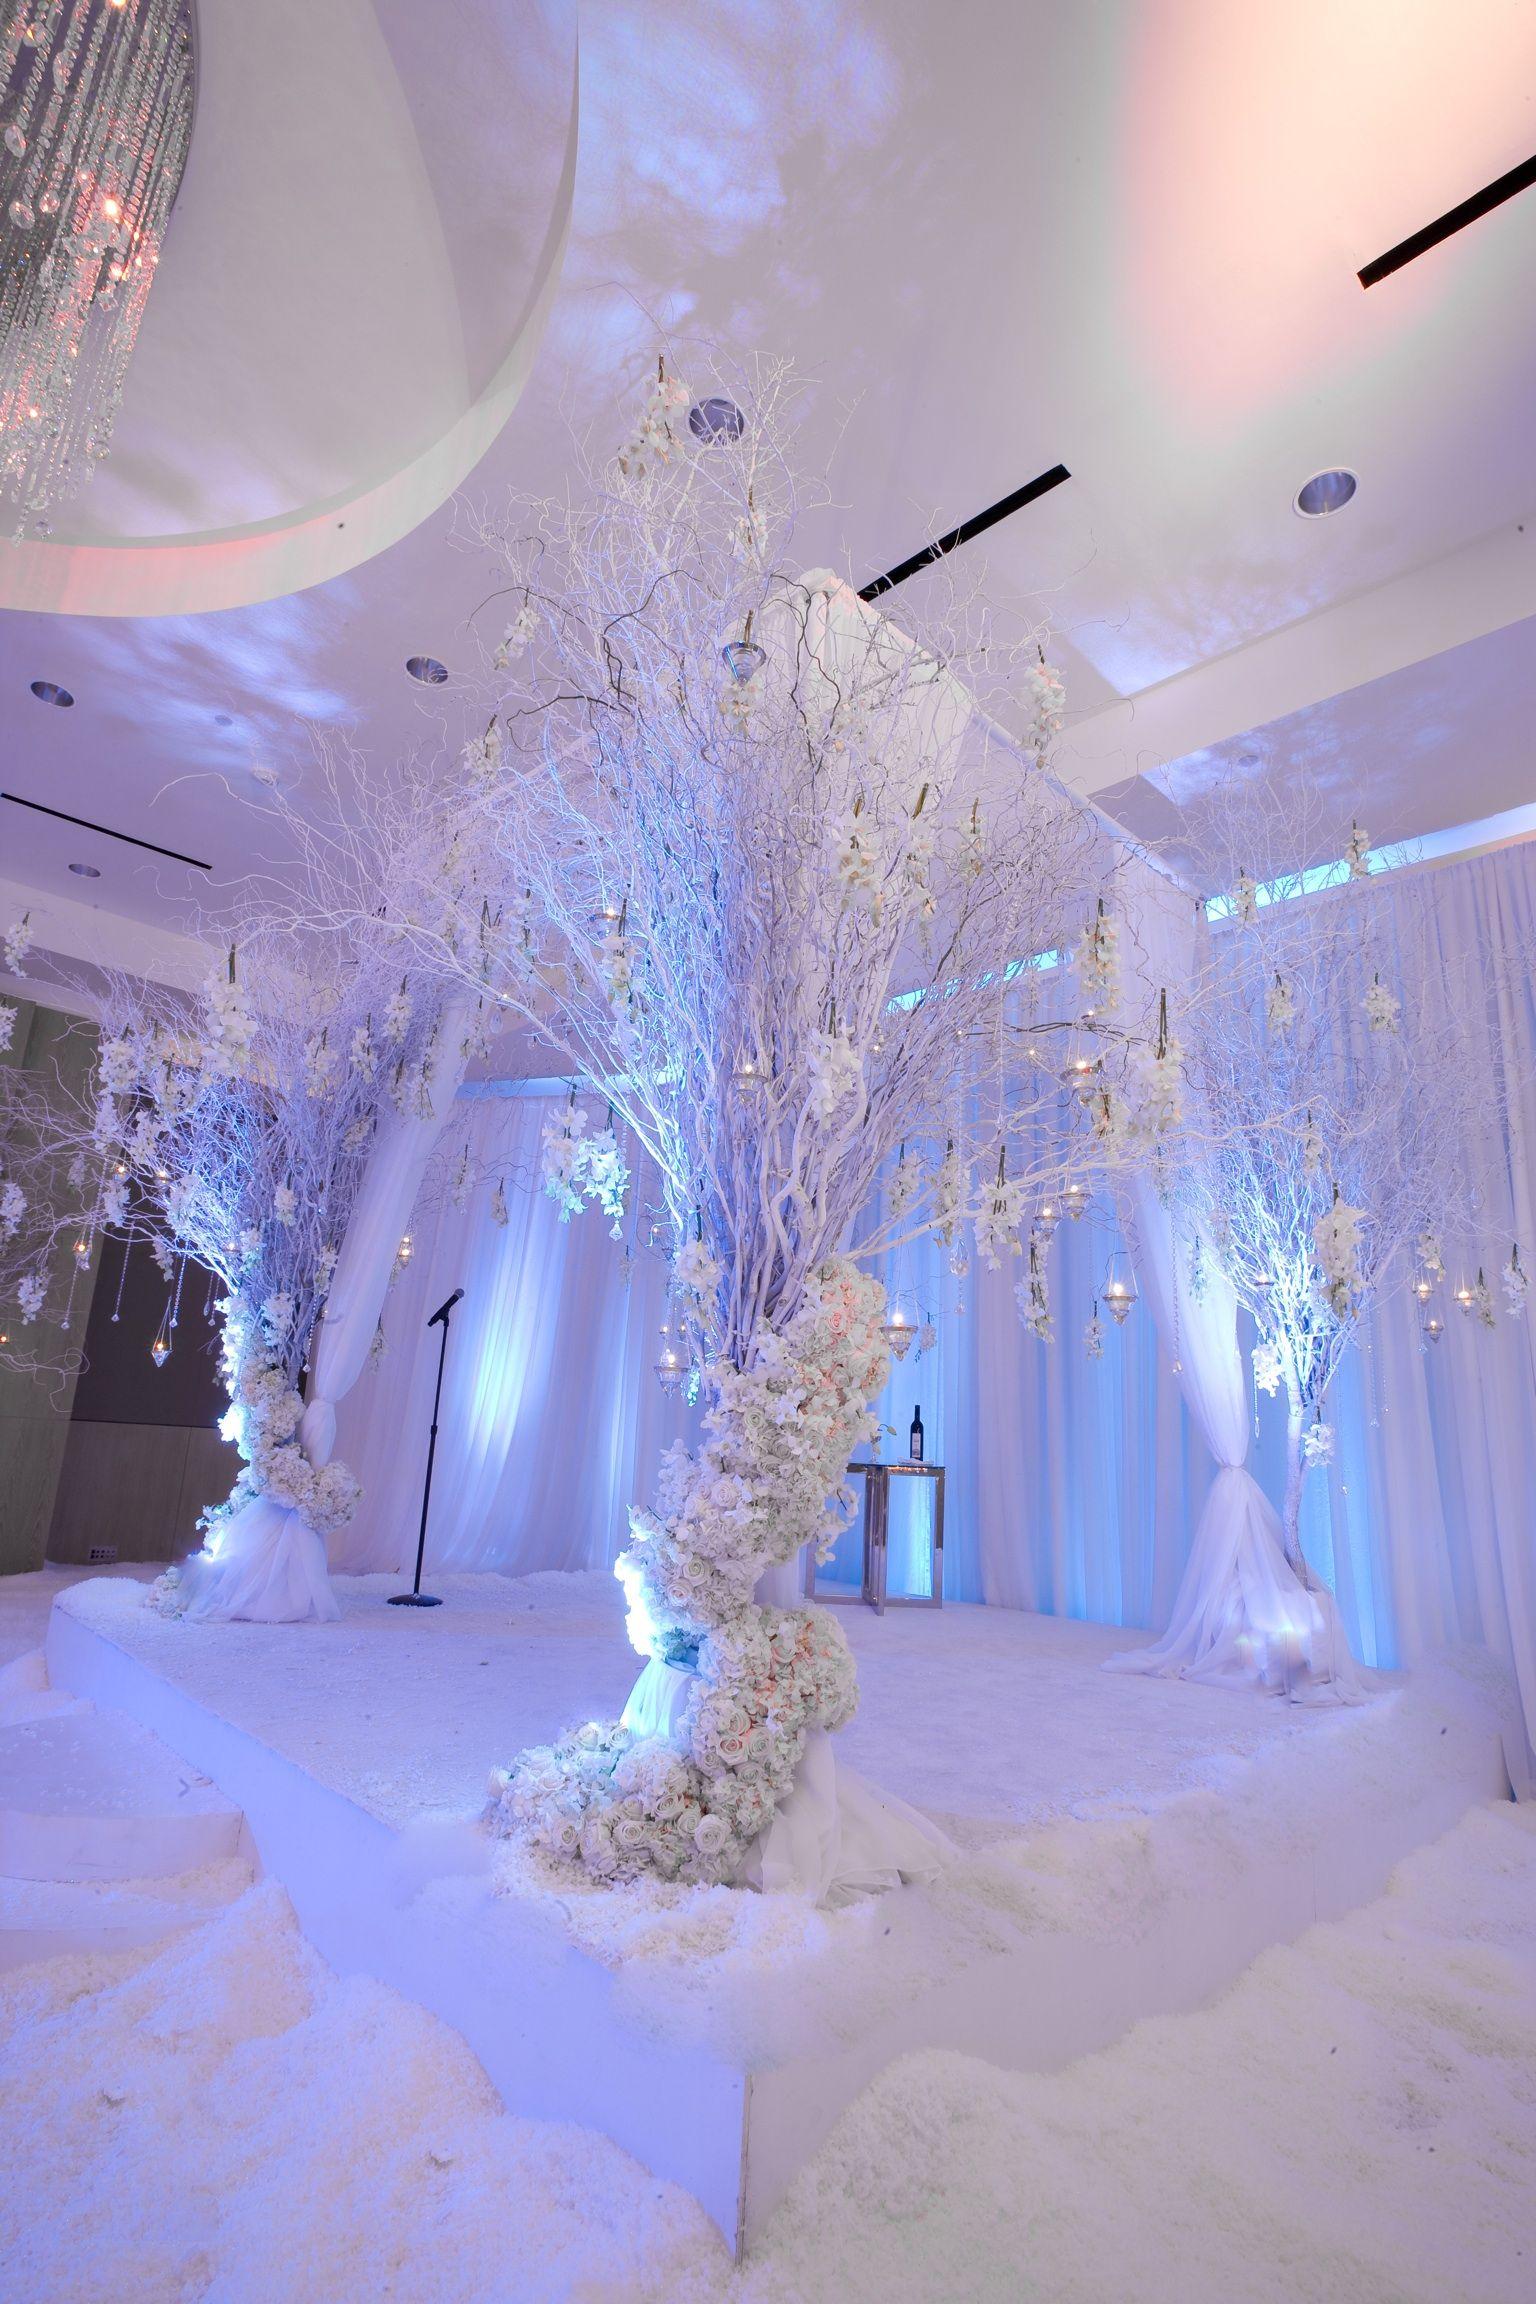 White #weddingstage Wedding 2023 In 2019 Winter